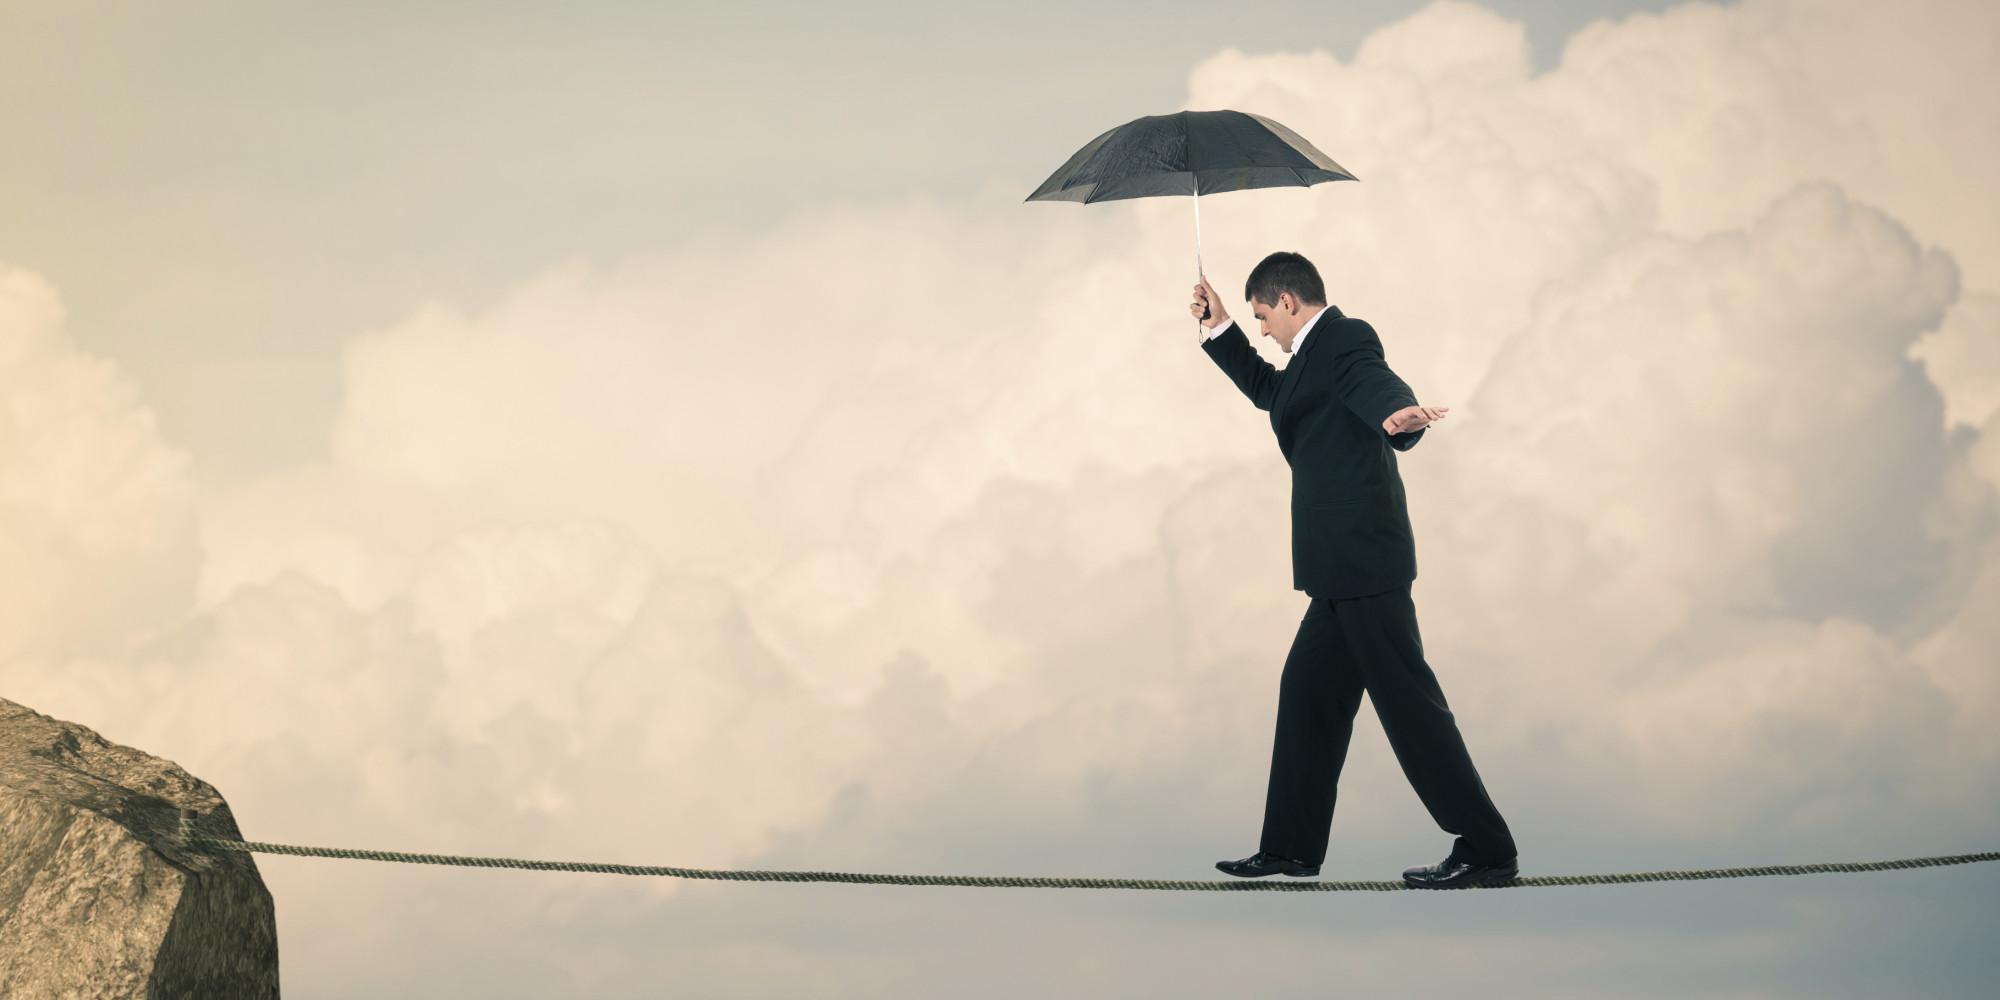 全球金融风险加大,有何应对办法?